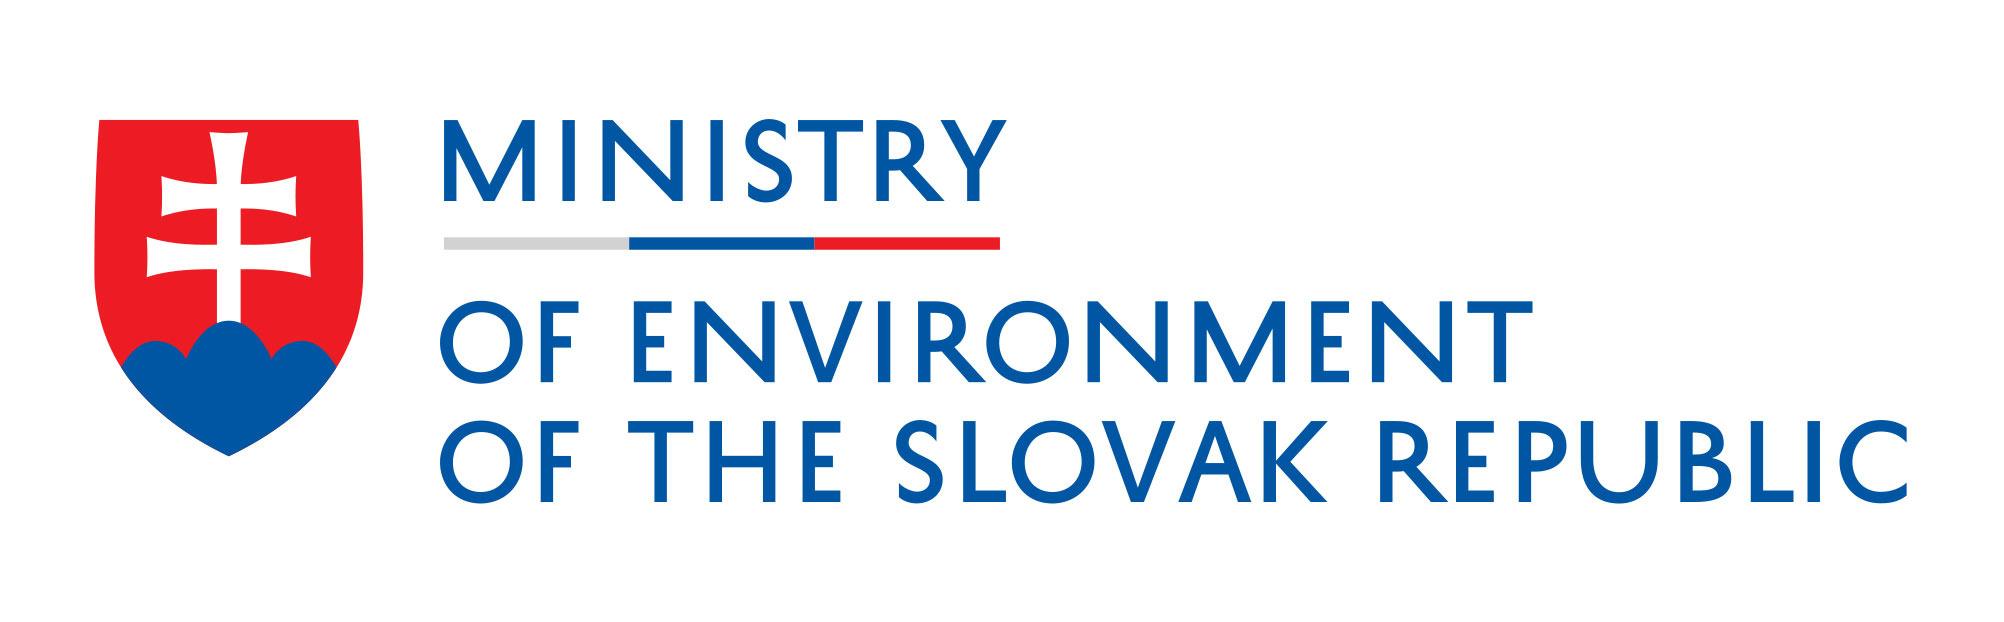 Valutazione dell'impatto ambientale: in preparazione una nuova legge